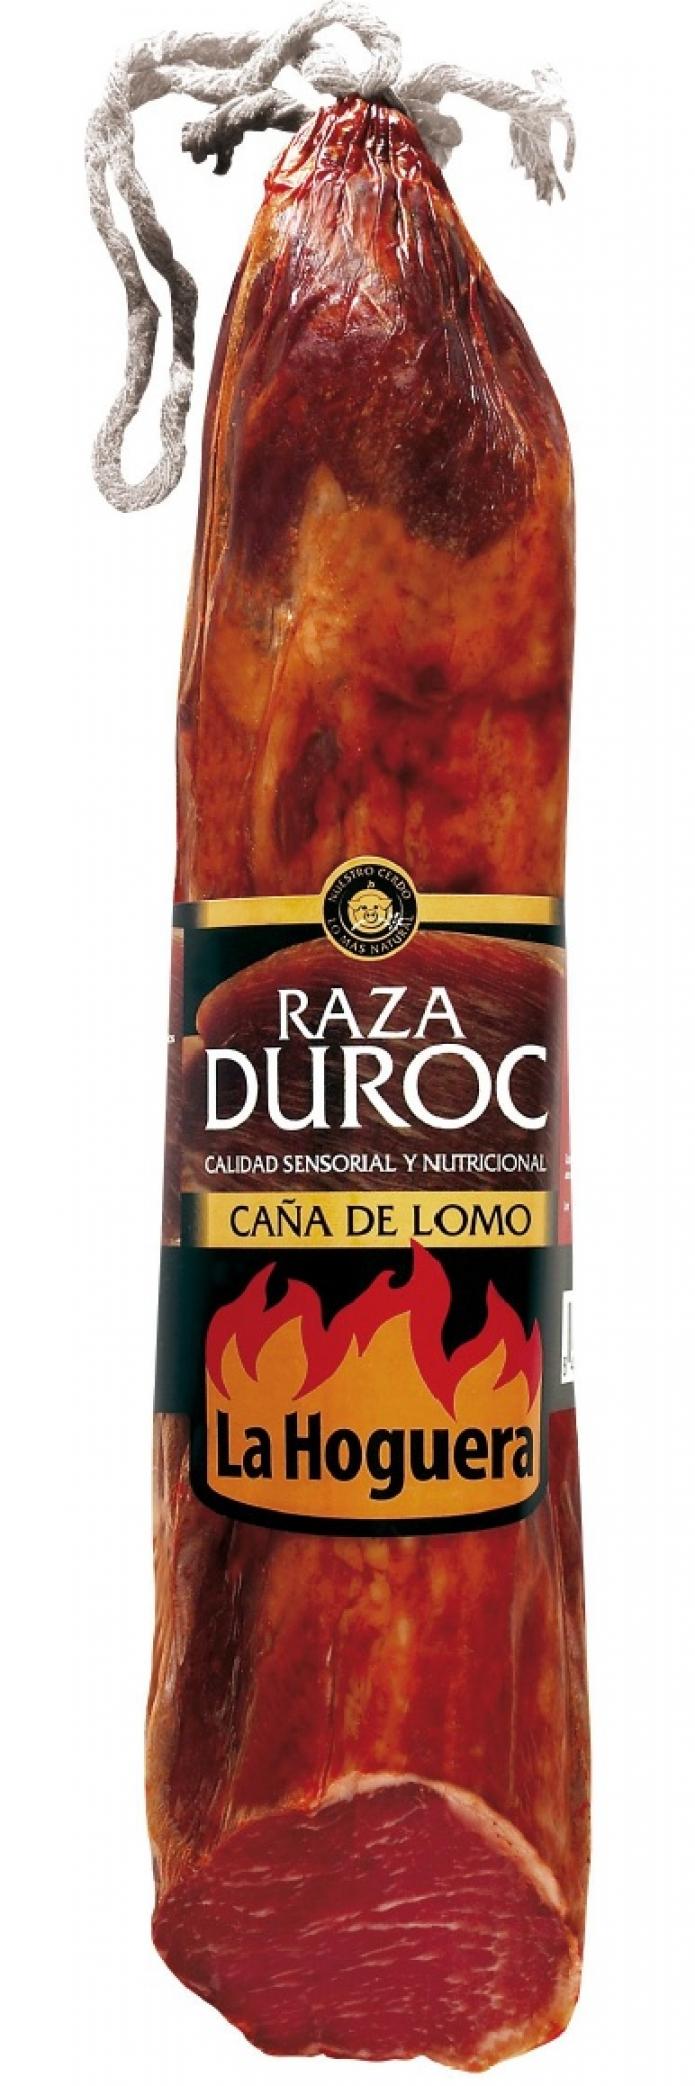 CAÑA DE LOMO 1/2 RAZA DUROC